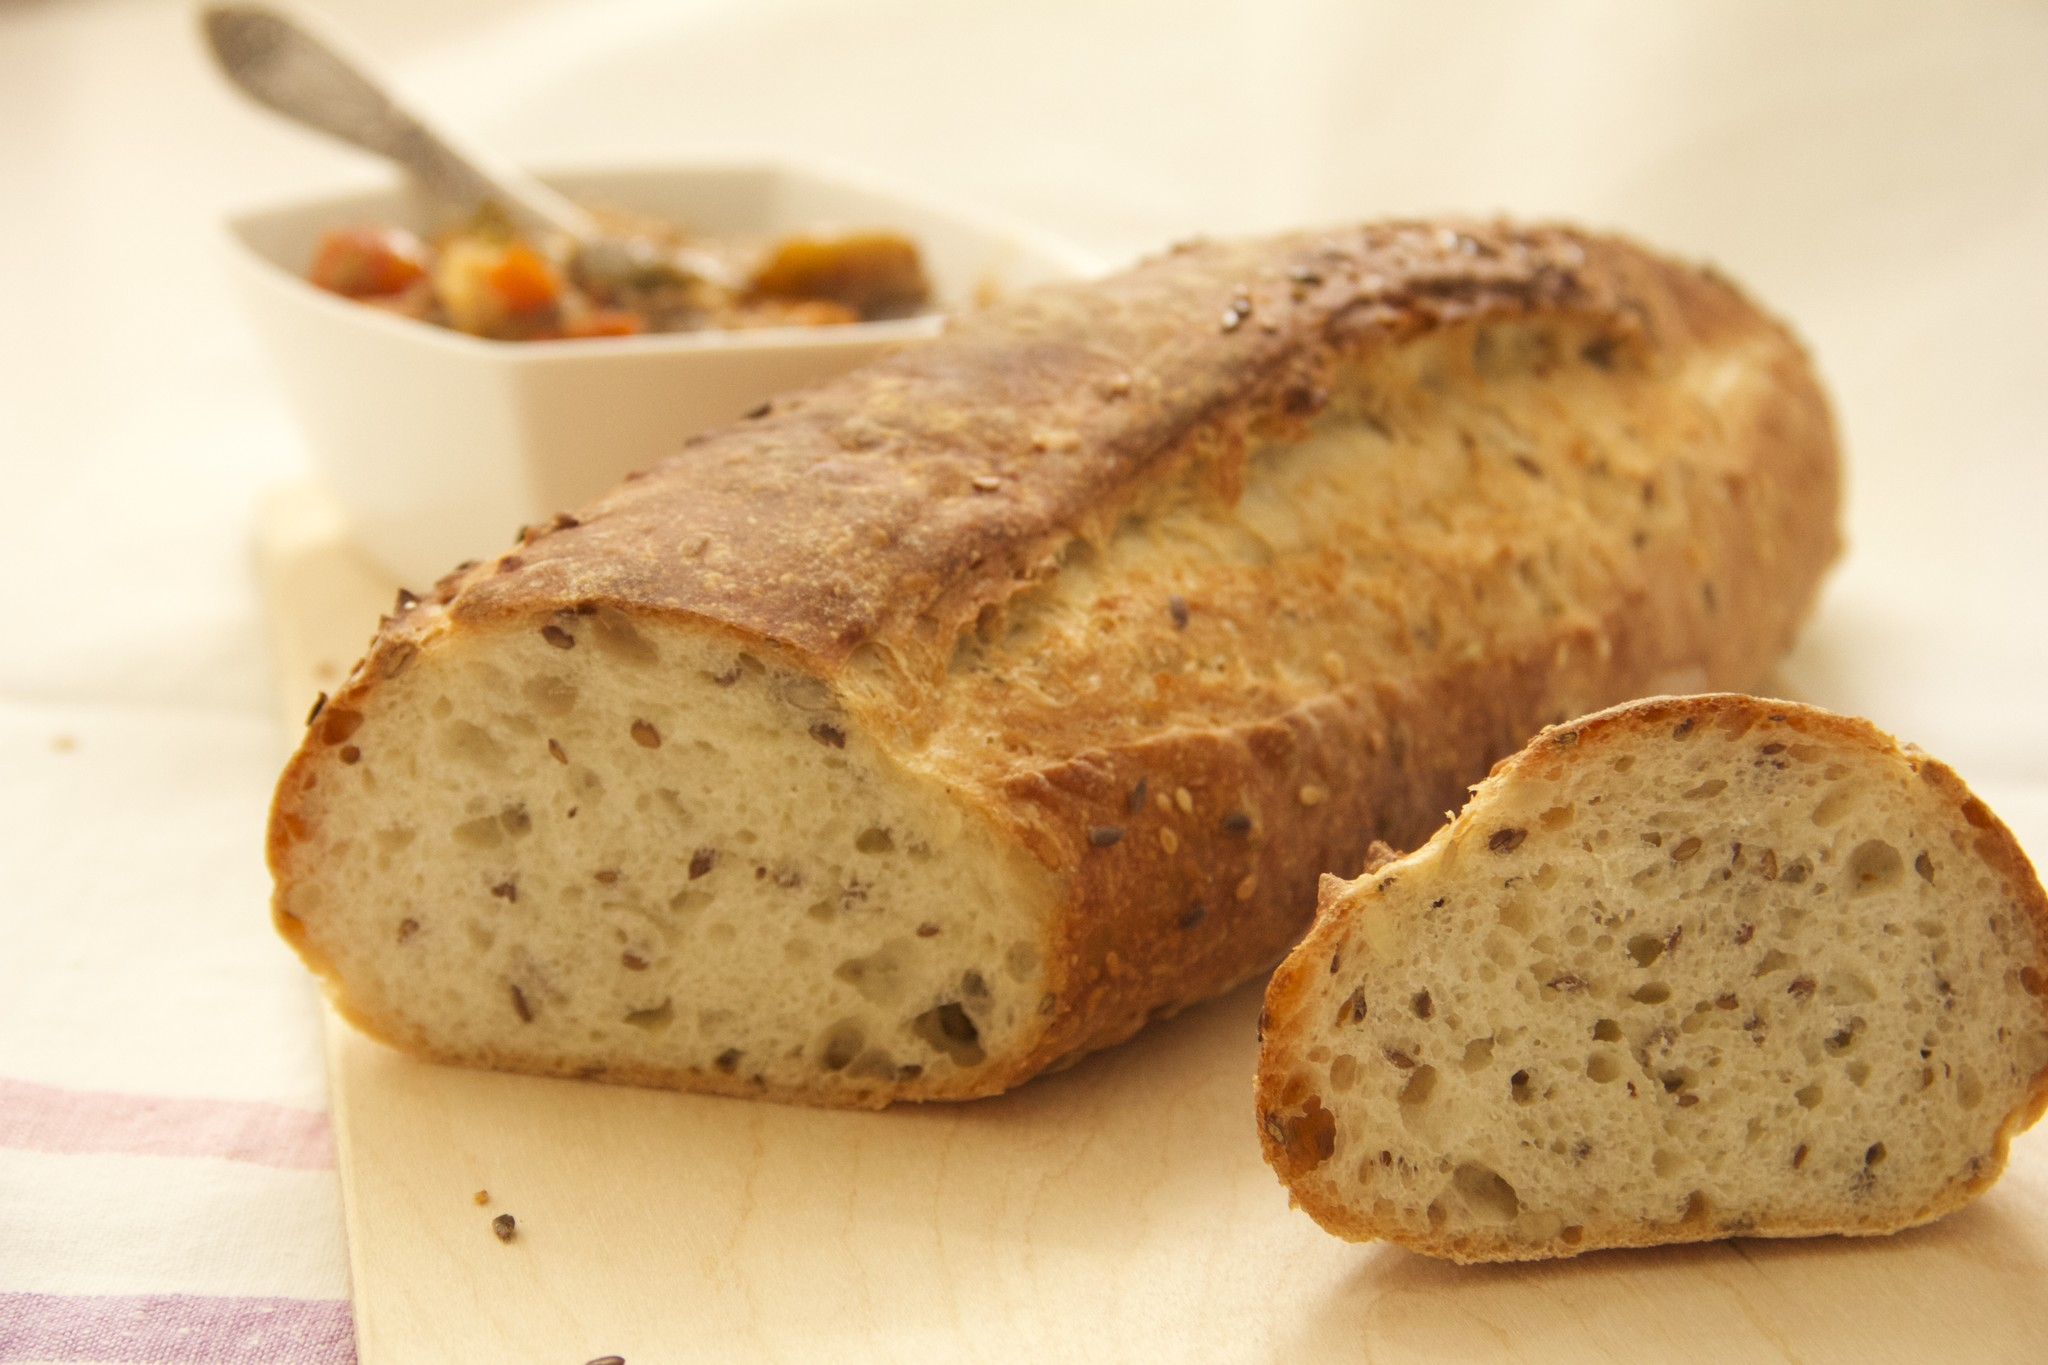 Технология замеса теста на хлеб и рецептура